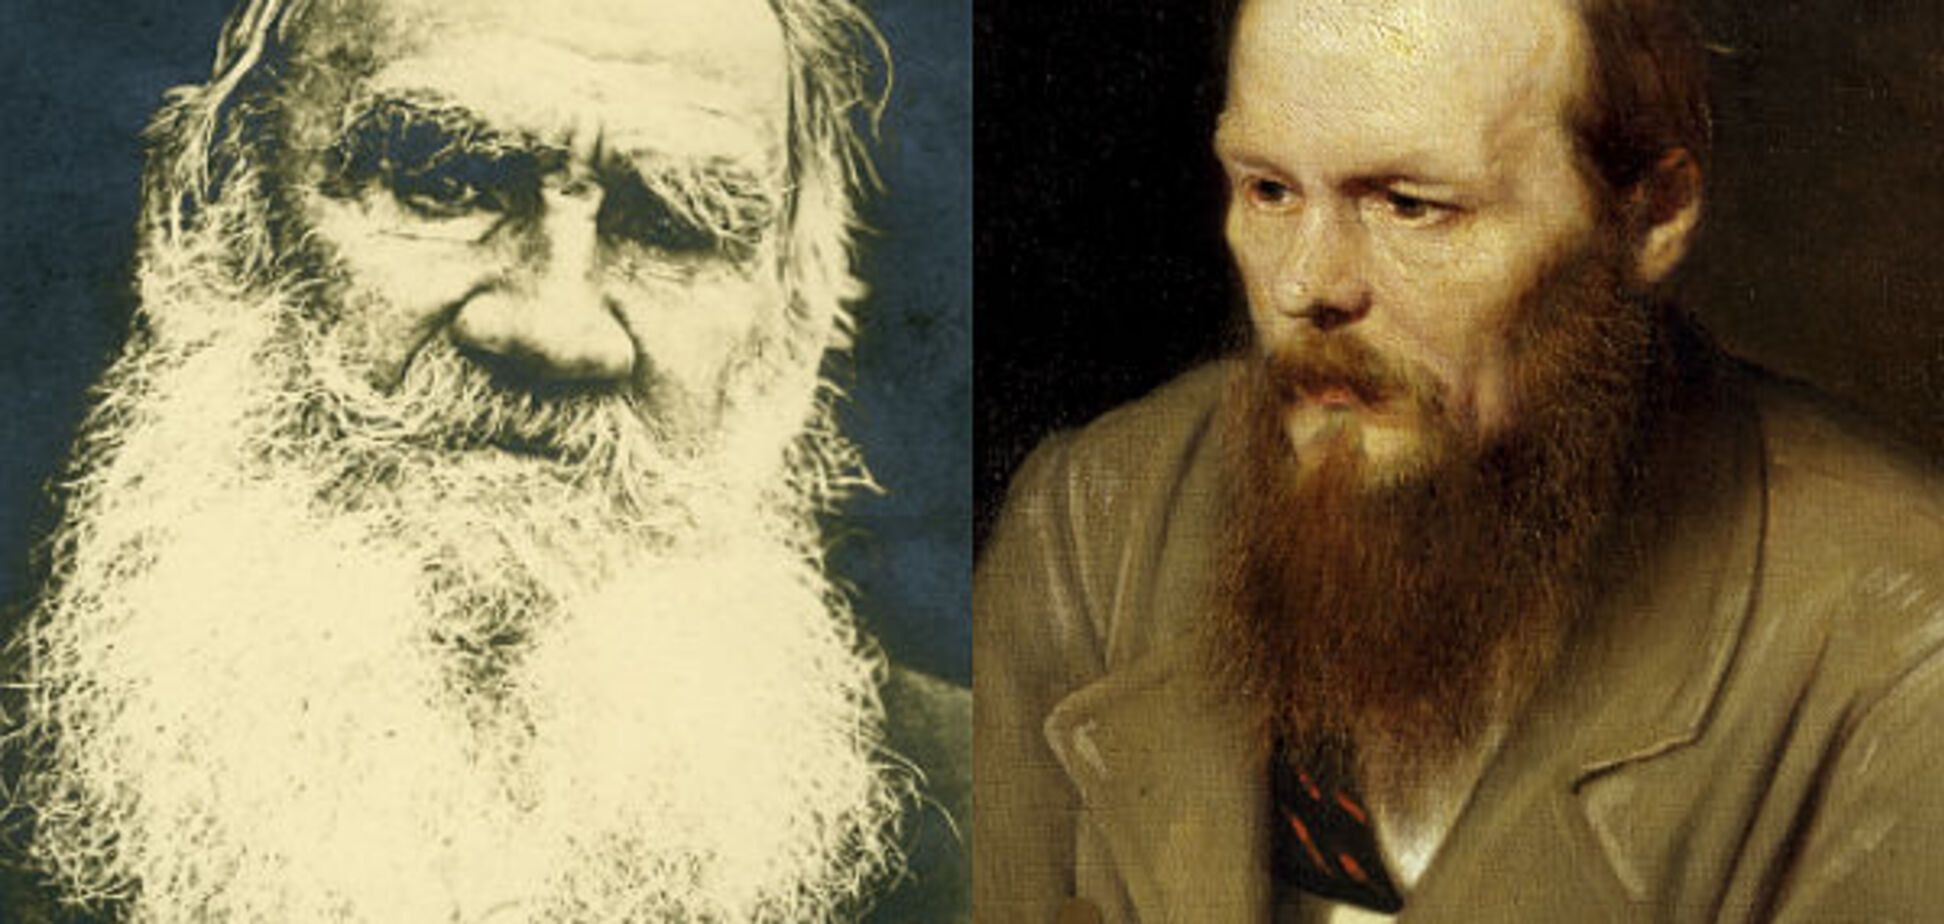 После Цоя и Высоцкого: Вятрович оценил судьбу Толстого и Достоевского